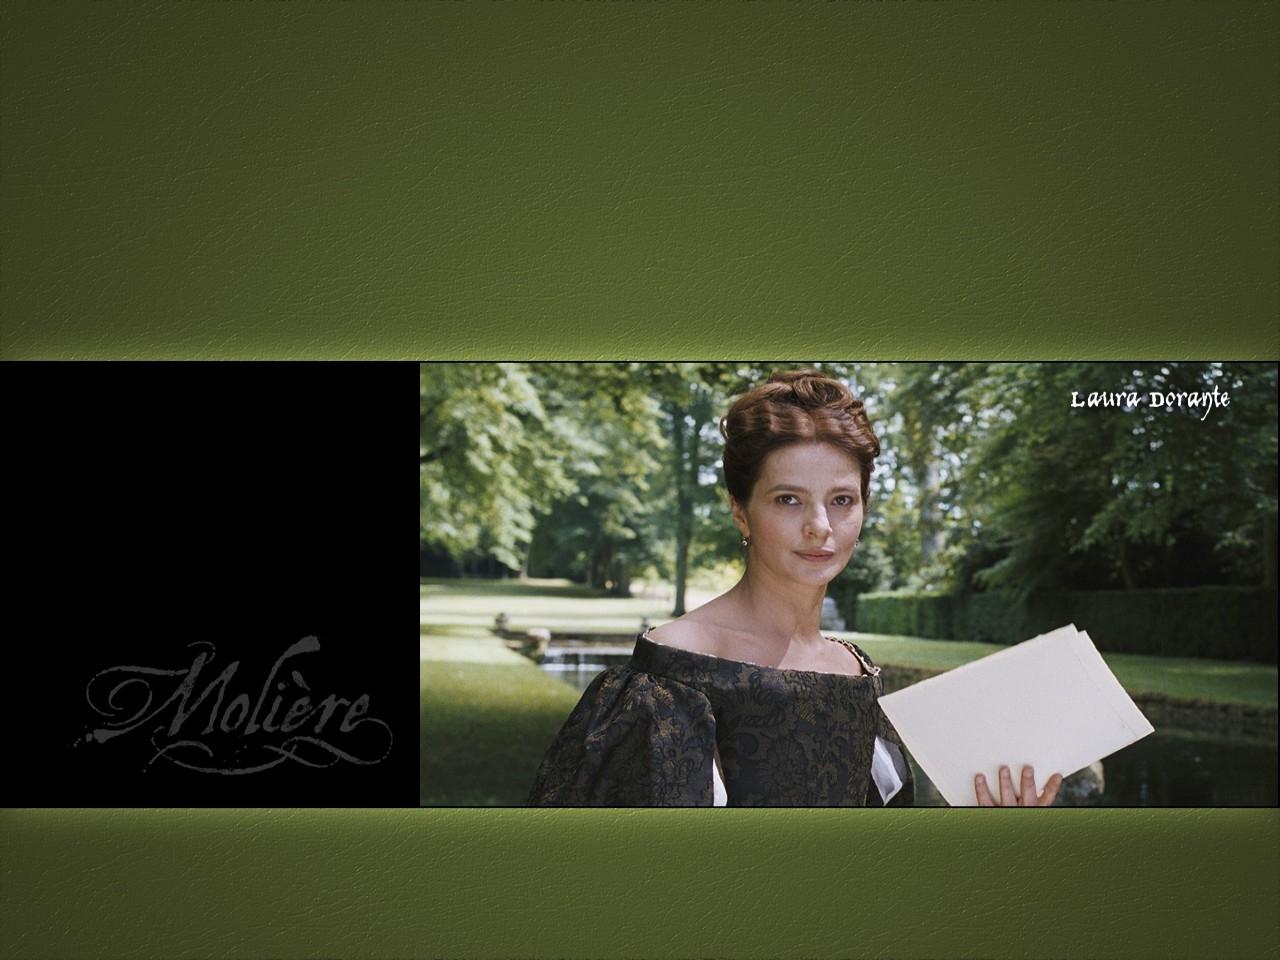 Wallpaper del film Le avventure galanti del giovane Molière con Laura Morante